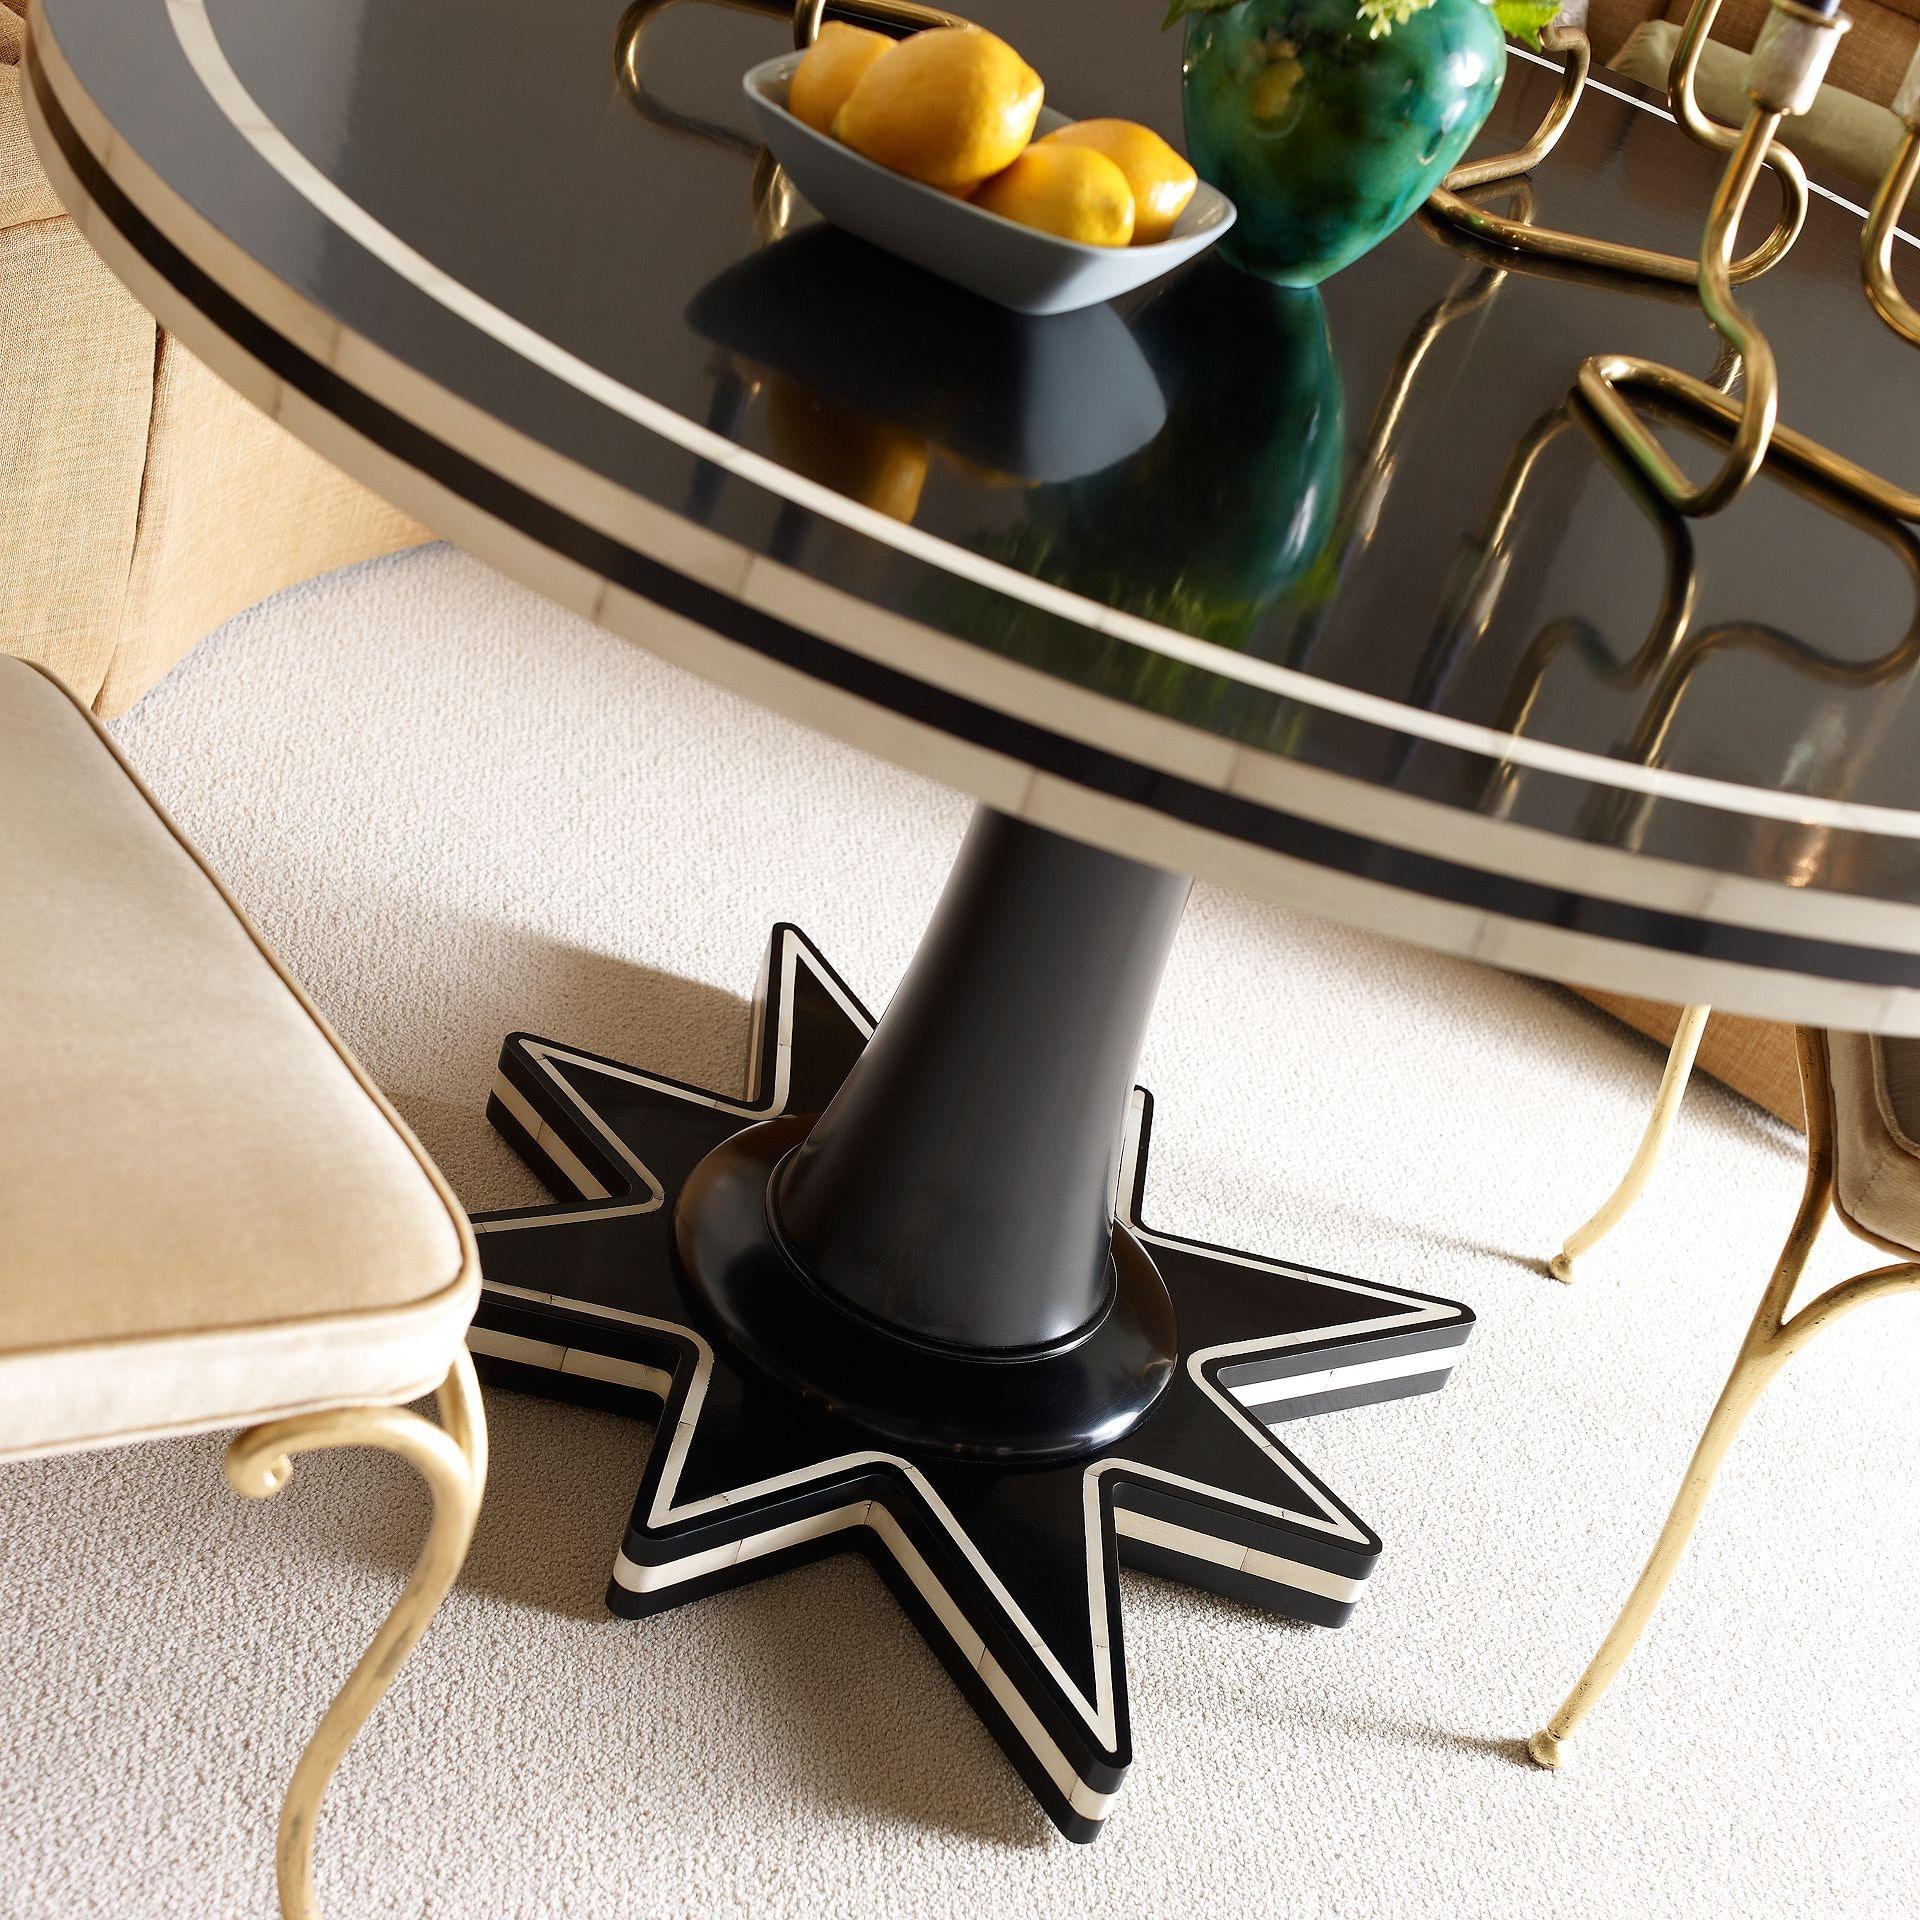 henredon furniture celerie kemble for henredon cosima dining table 8202 20 396 - Celerie Kemble Furniture